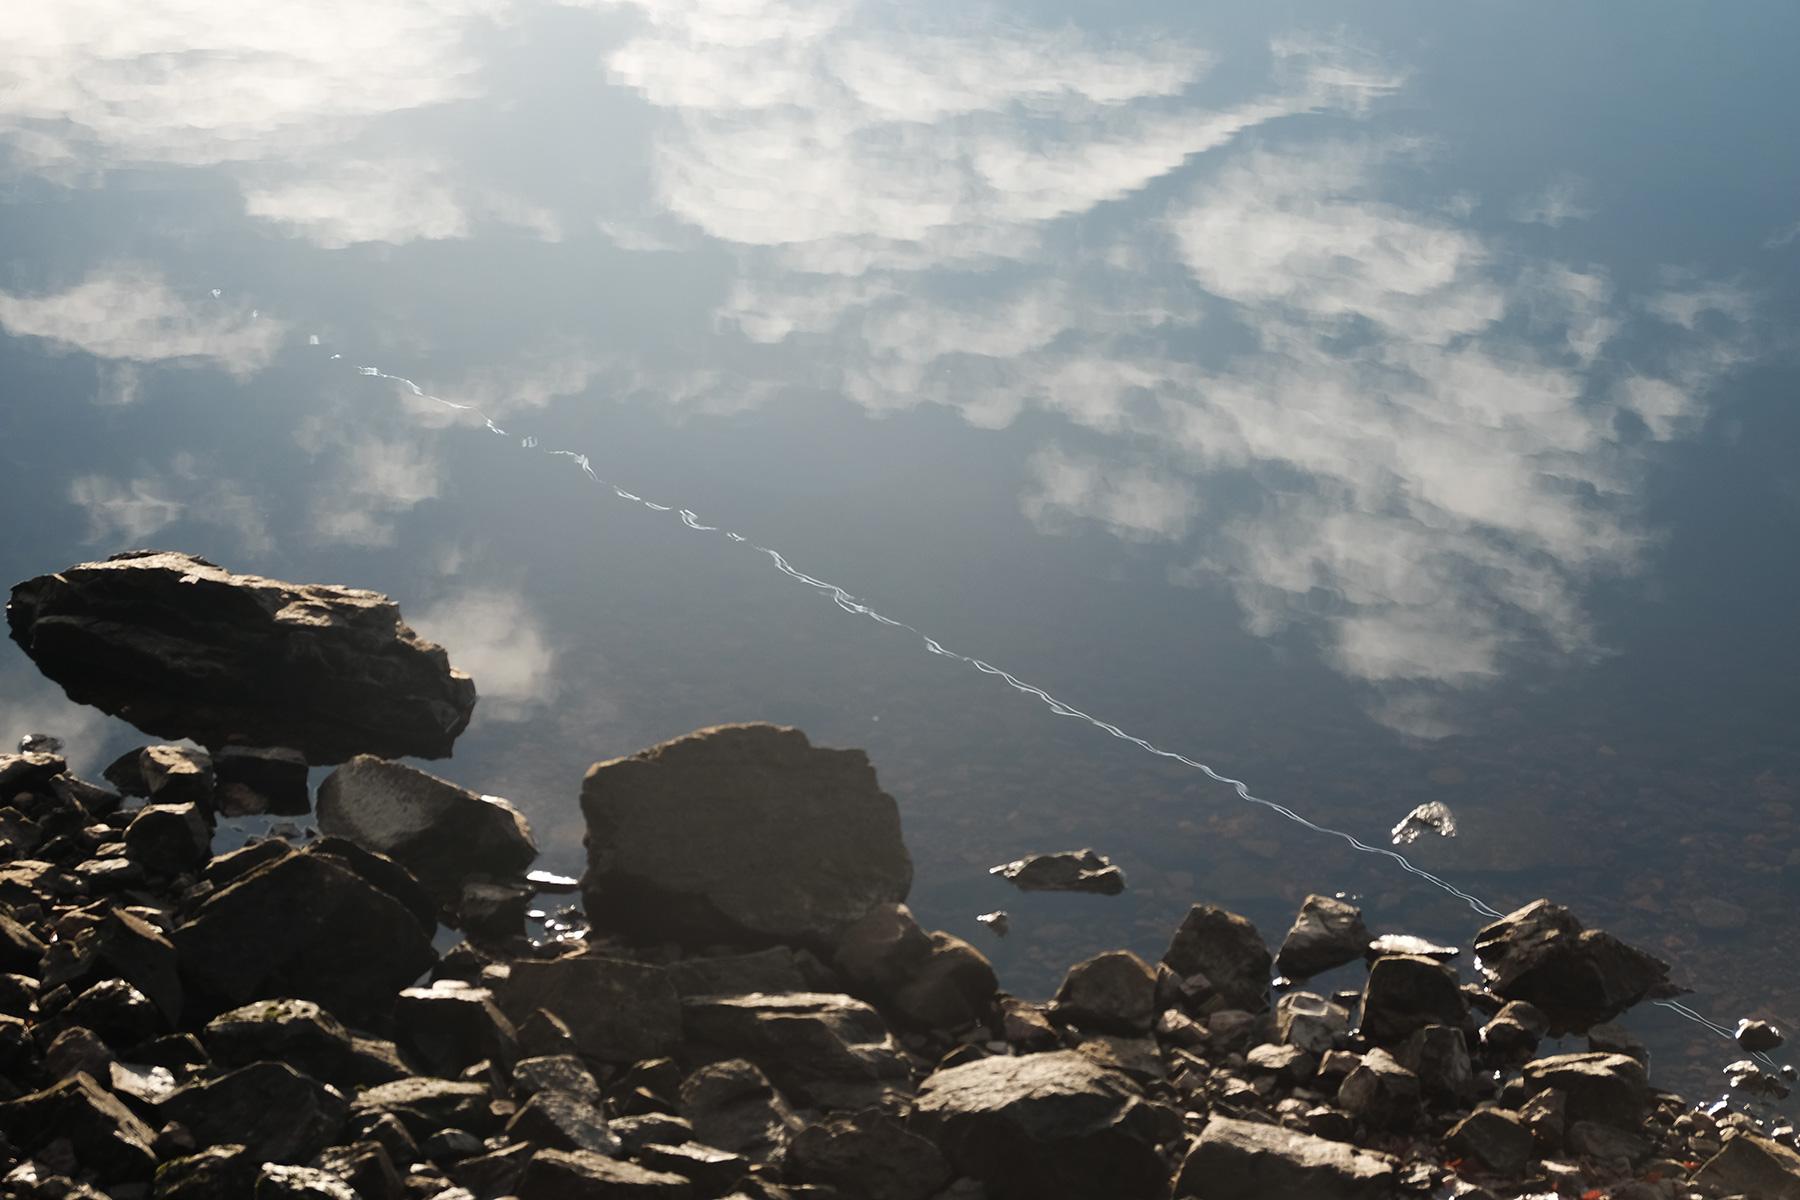 Spiegelung des Himmels und eines Flugzeugkondensstreifens im Loch Garry in Schottland